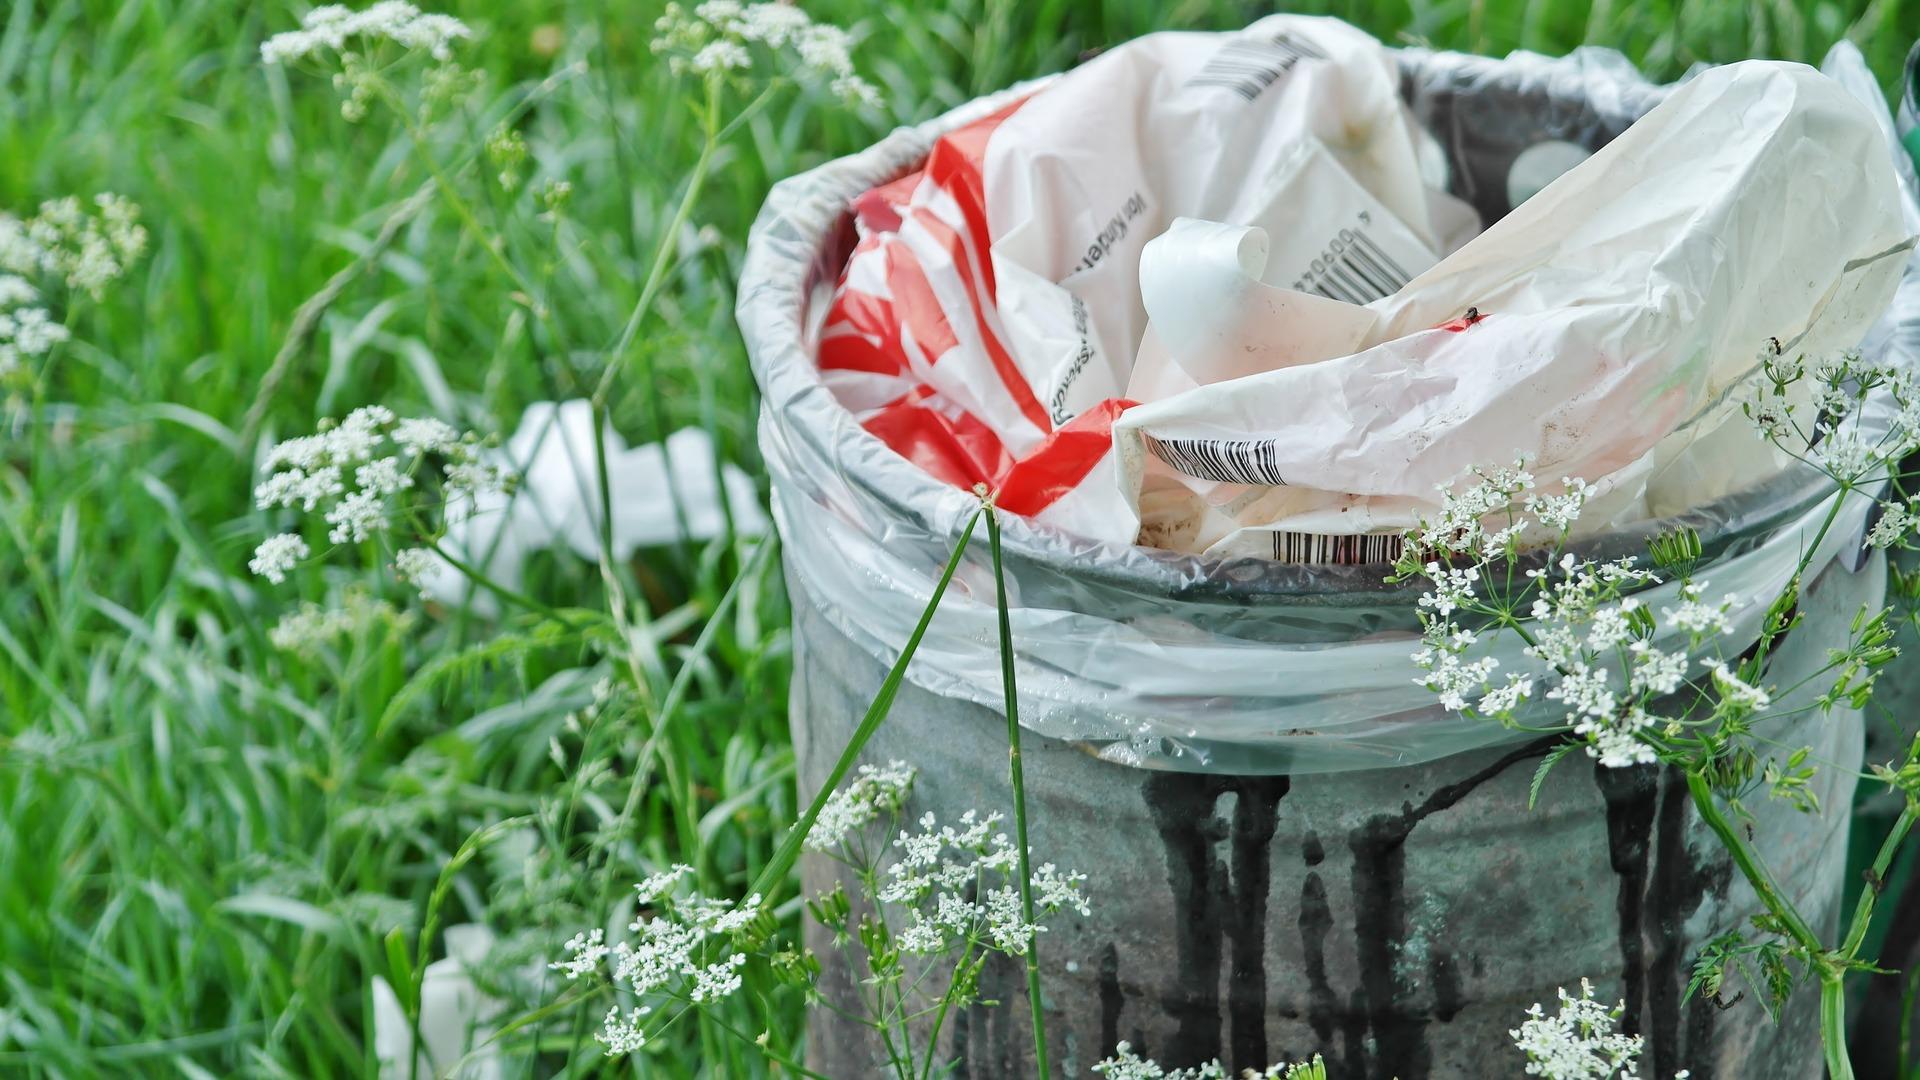 Raccolta dei rifiuti, plastic free e verde pubblico